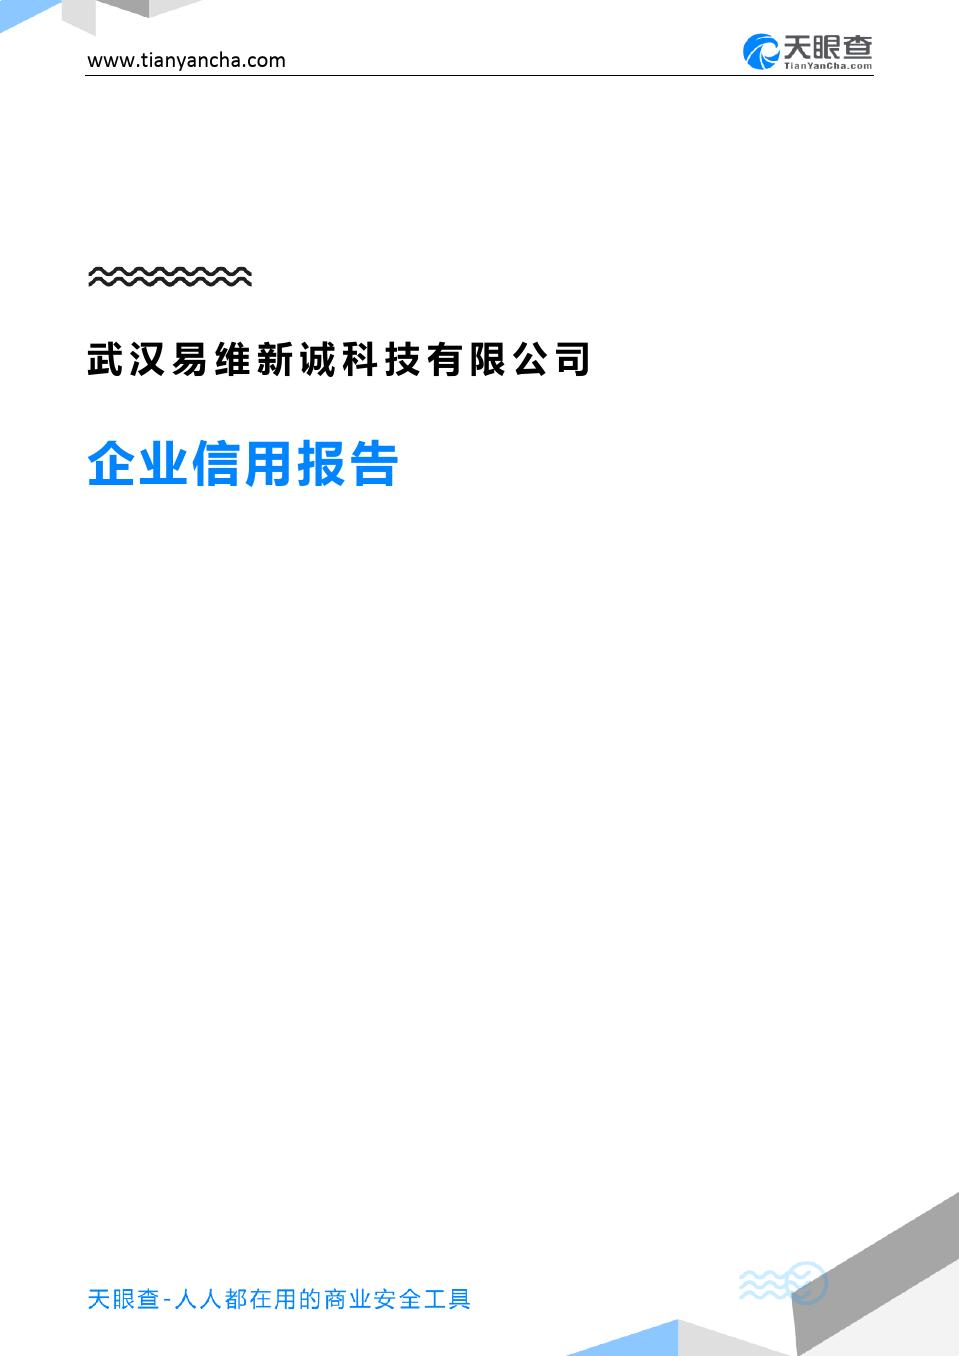 武汉易维新诚科技有限公司企业信用报告-天眼查